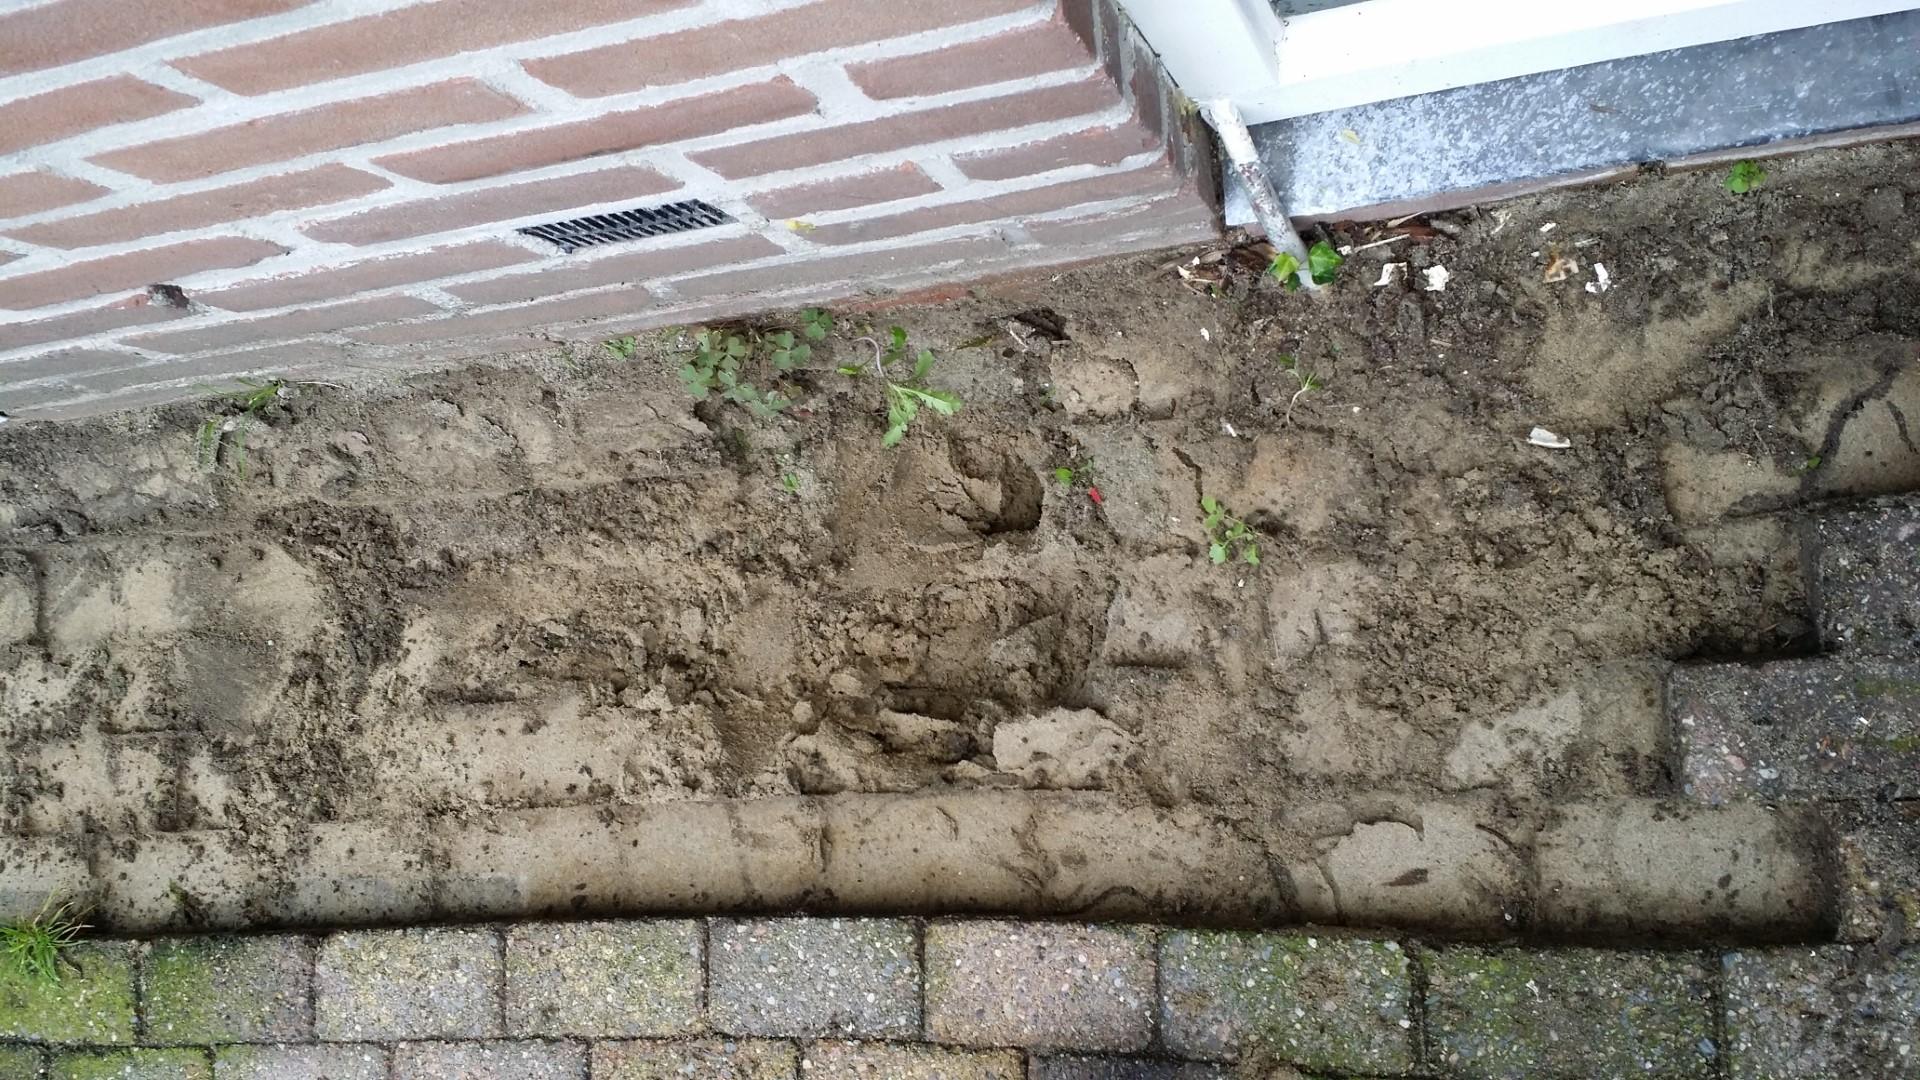 Tuin Zand Afvoeren : Tuin zand afvoeren grond of aarde afvoeren grondcontainer huren